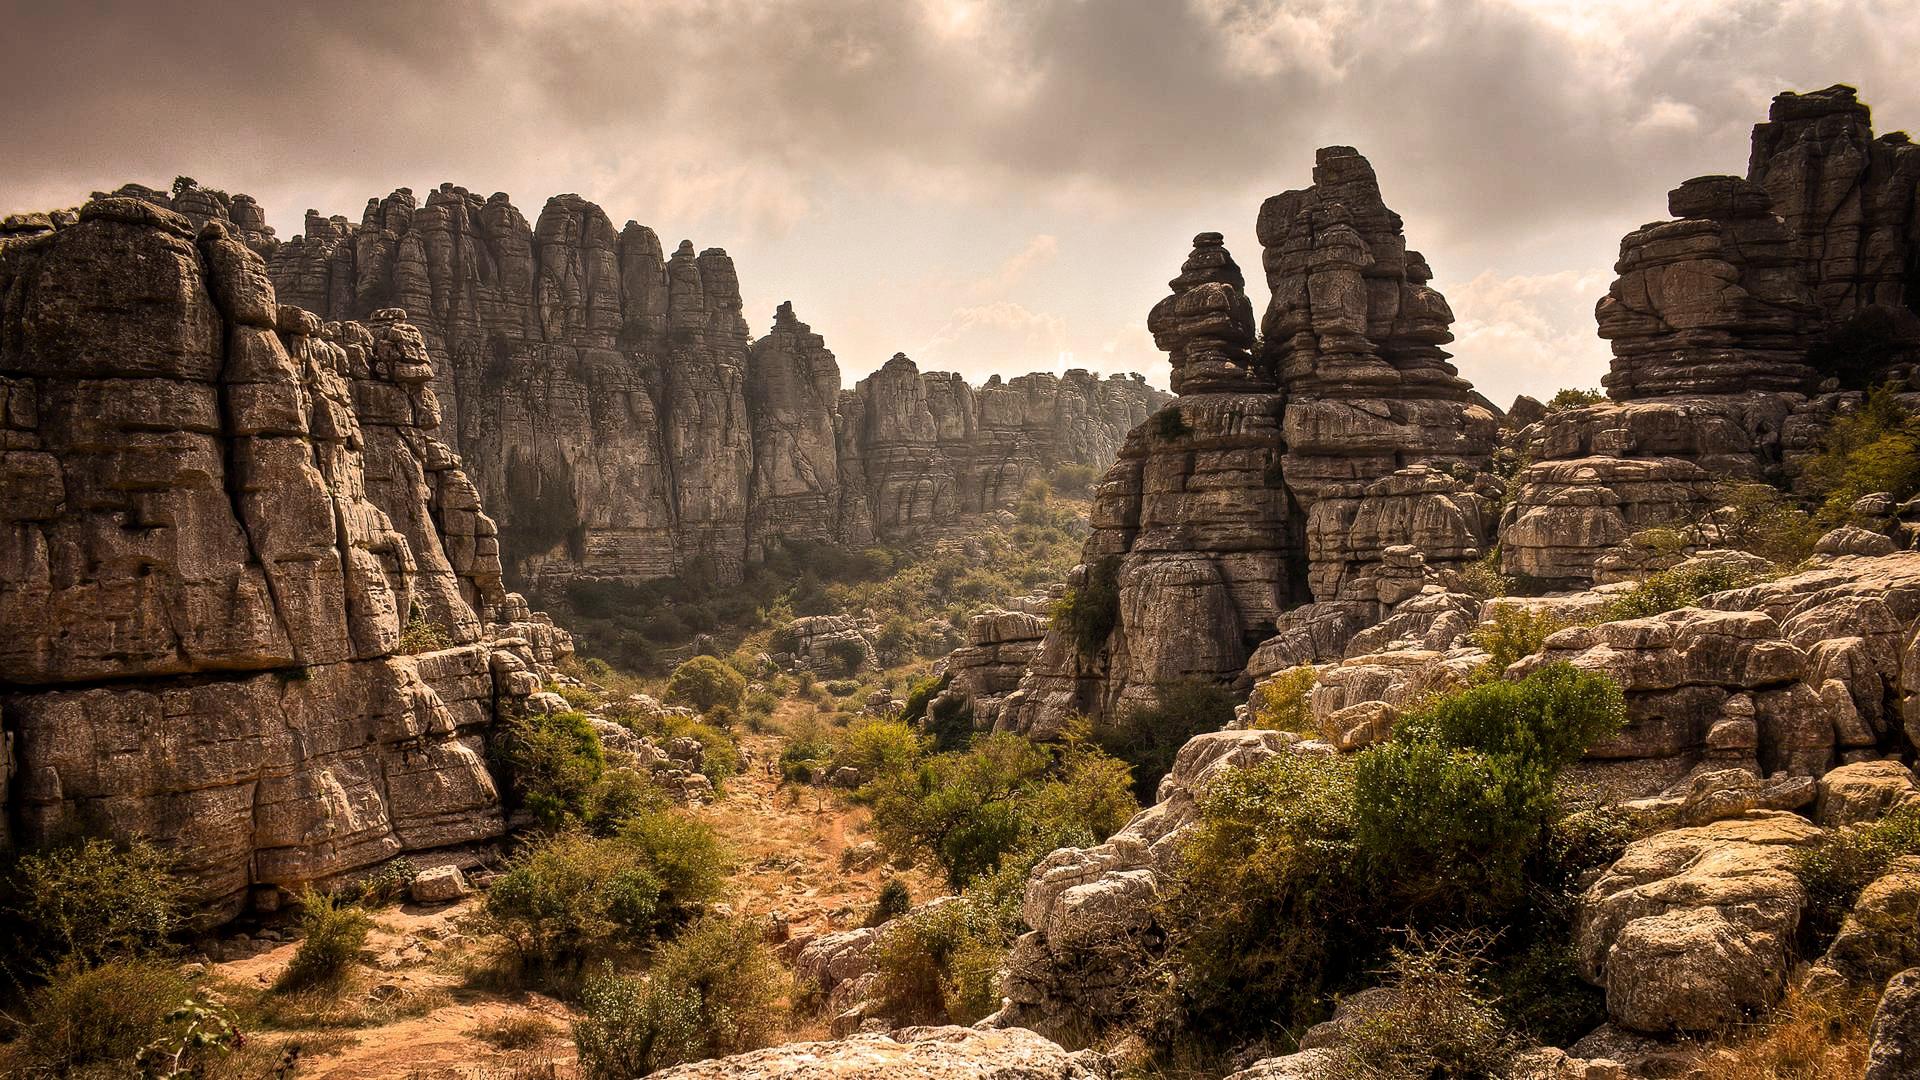 landscape pictures rocky